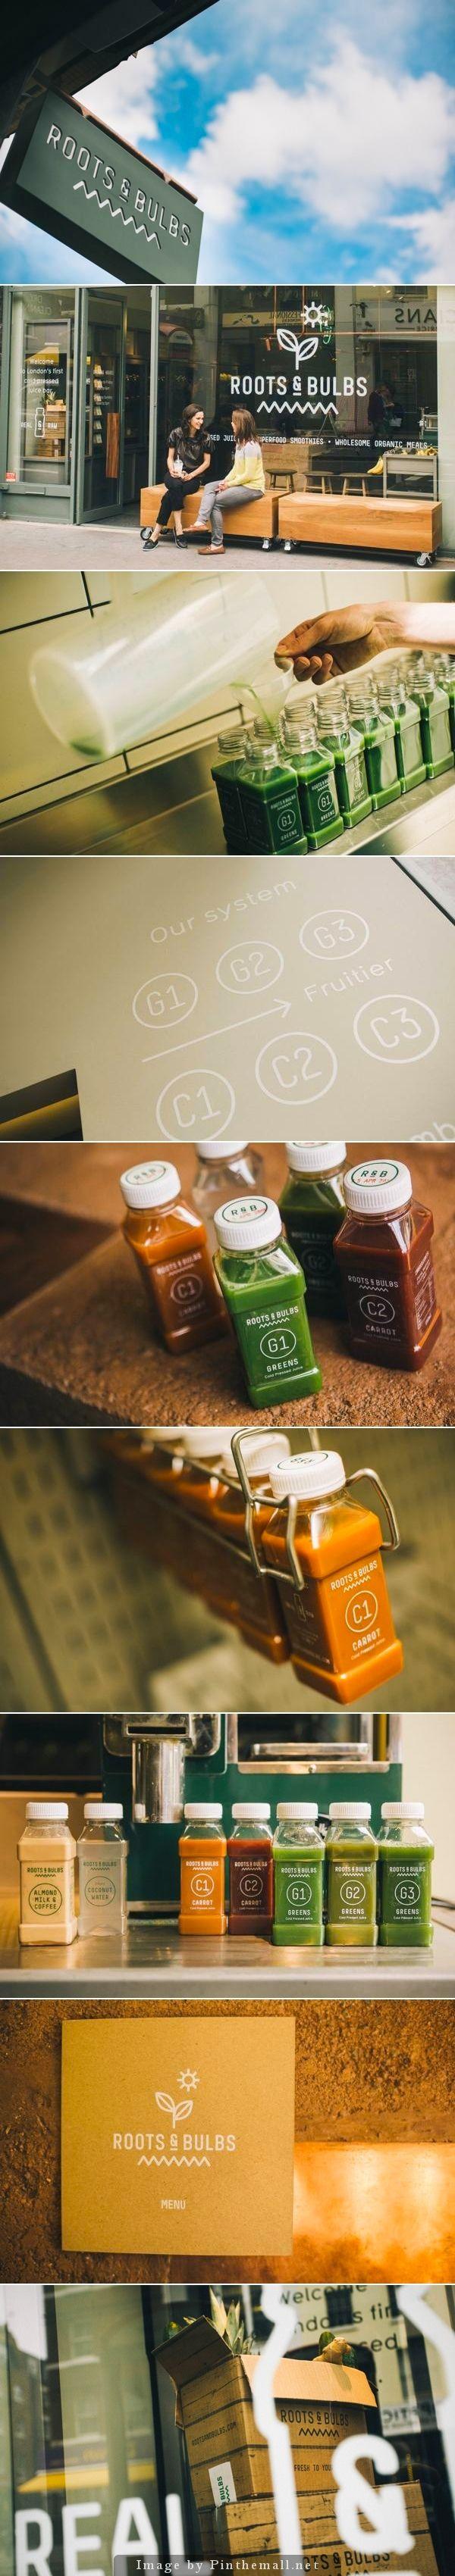 branding / Identity | Root Bulbs #branding #packaging #juice